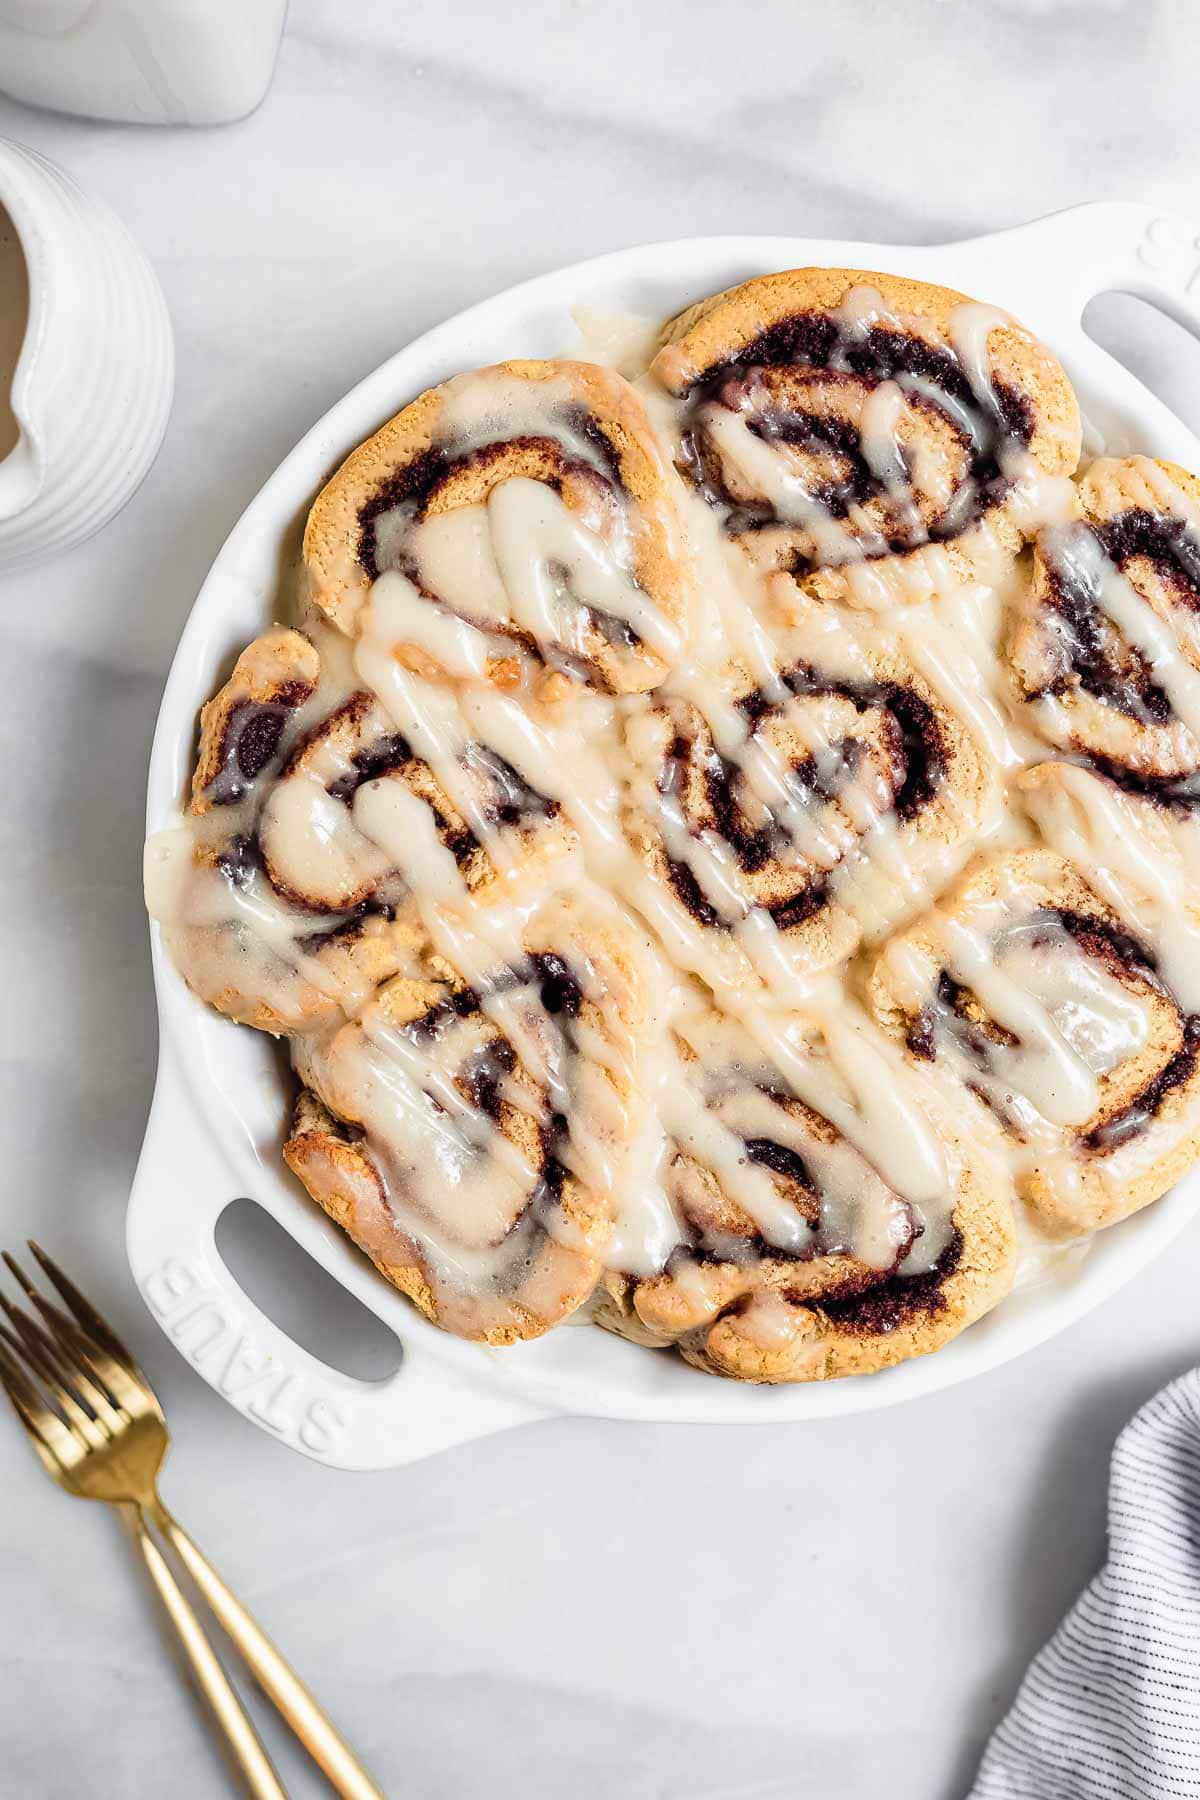 vegan and gluten free cinnamon rolls in a round pie dish.